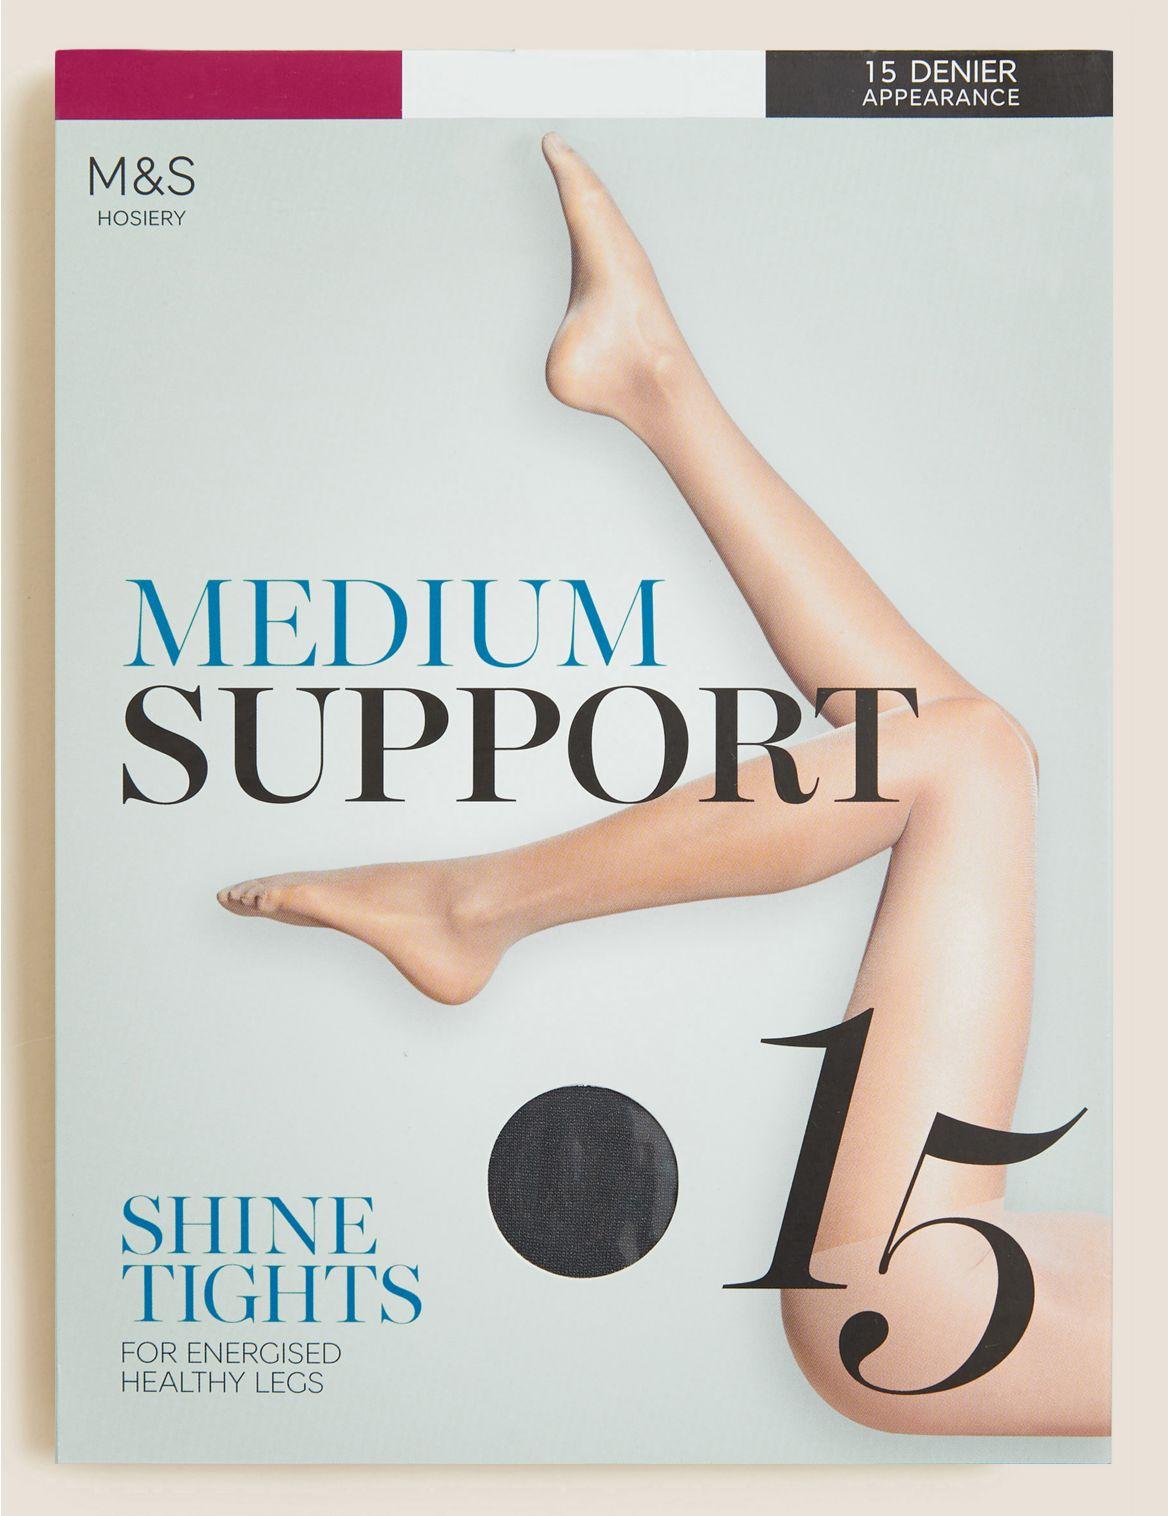 15 Denier Medium Support Sheer Tights nearly black